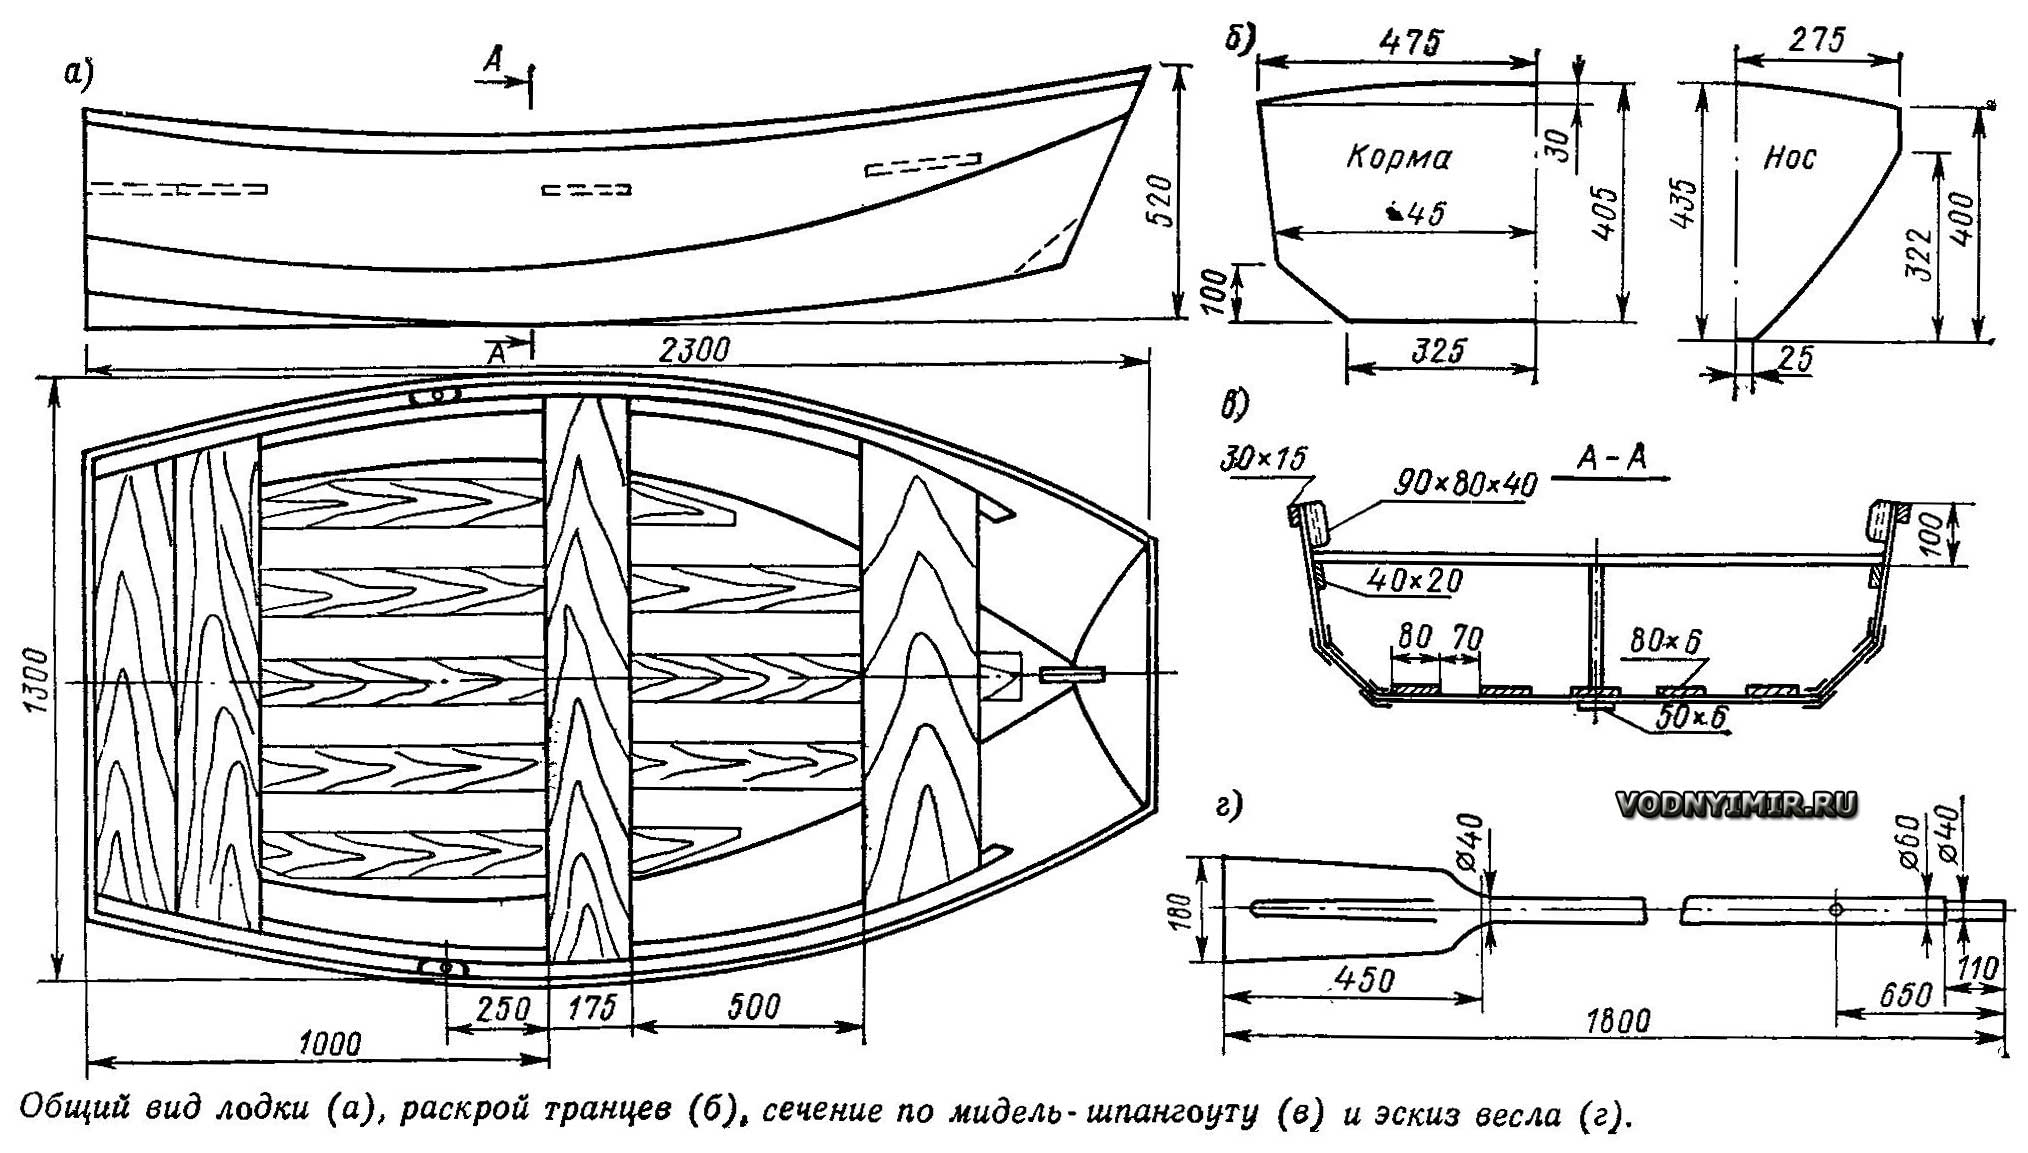 Чертежи деревянной лодки своими руками из досок фото 981